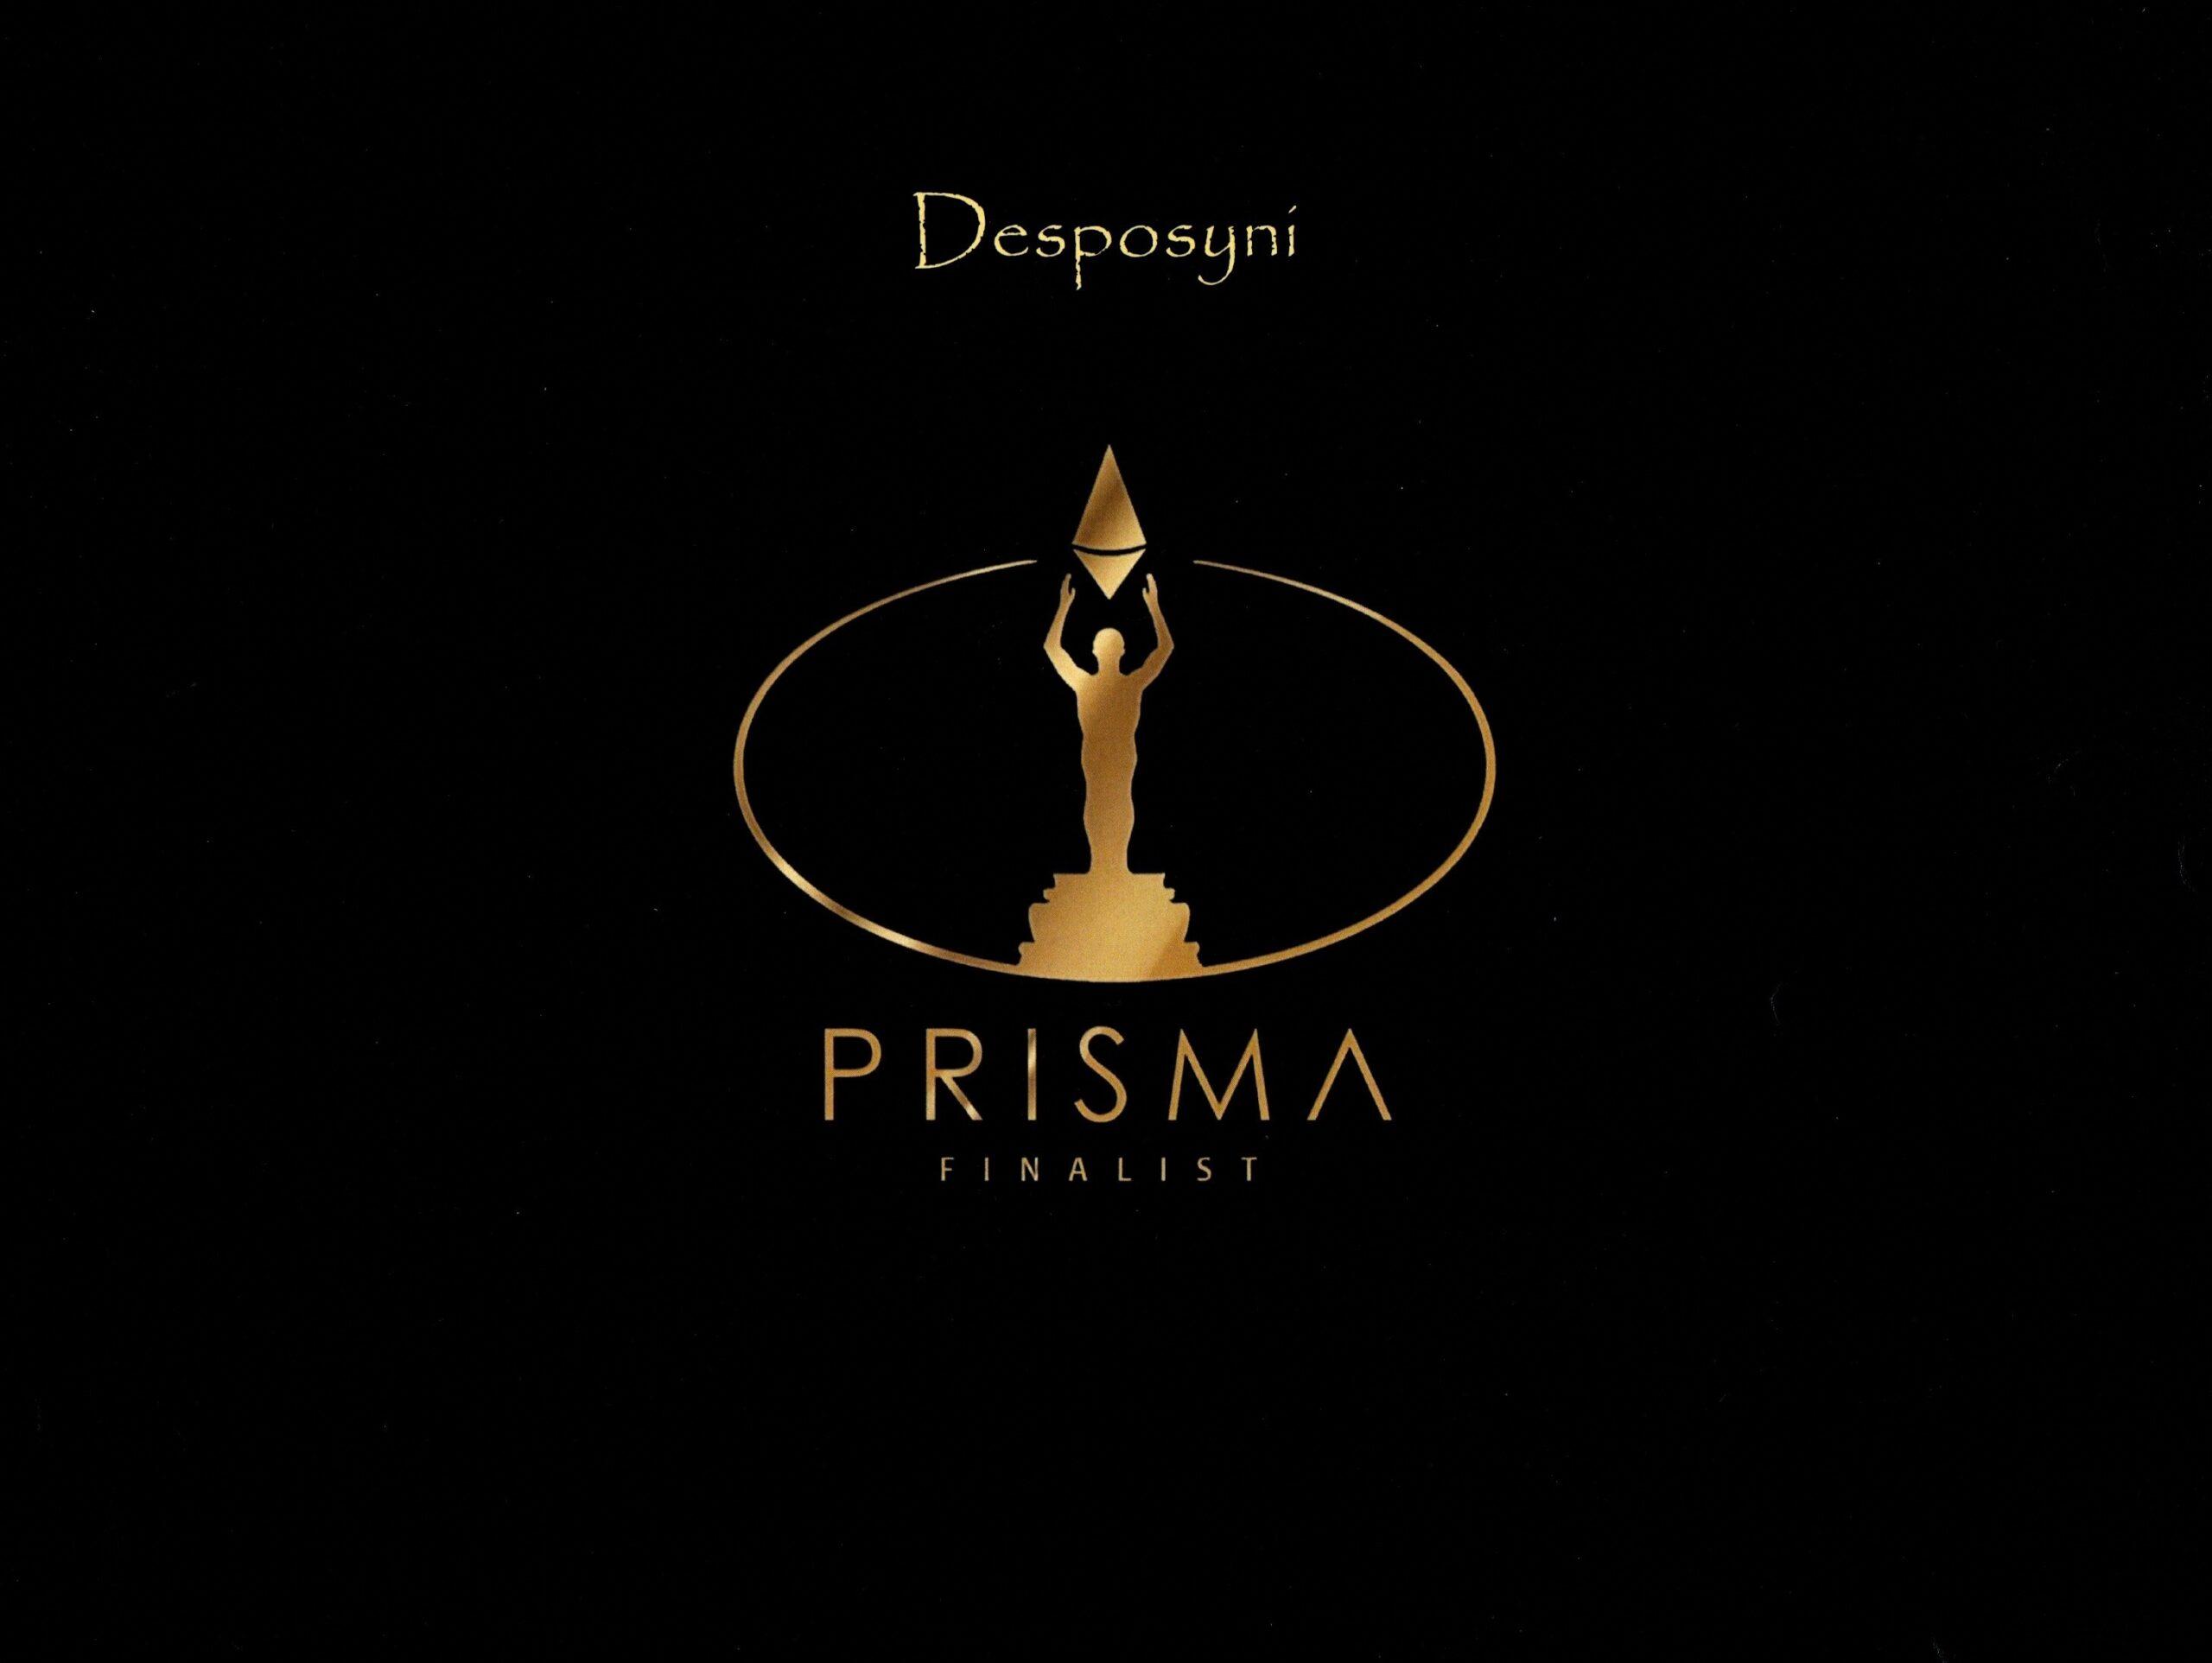 Finalist_Prisma